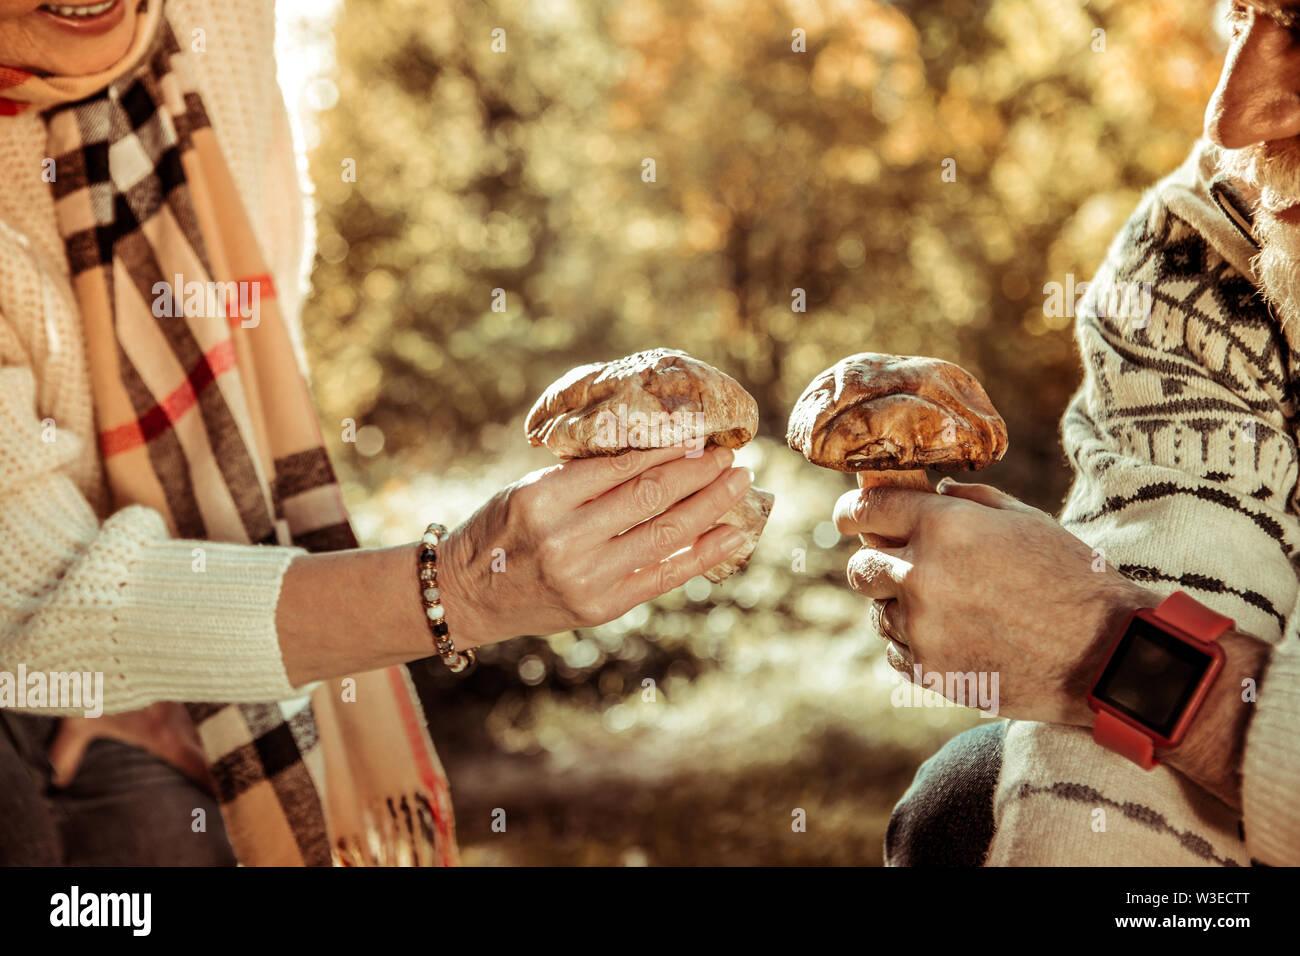 Deux gros champignons dans les mains du mari et de la femme. Photo Stock